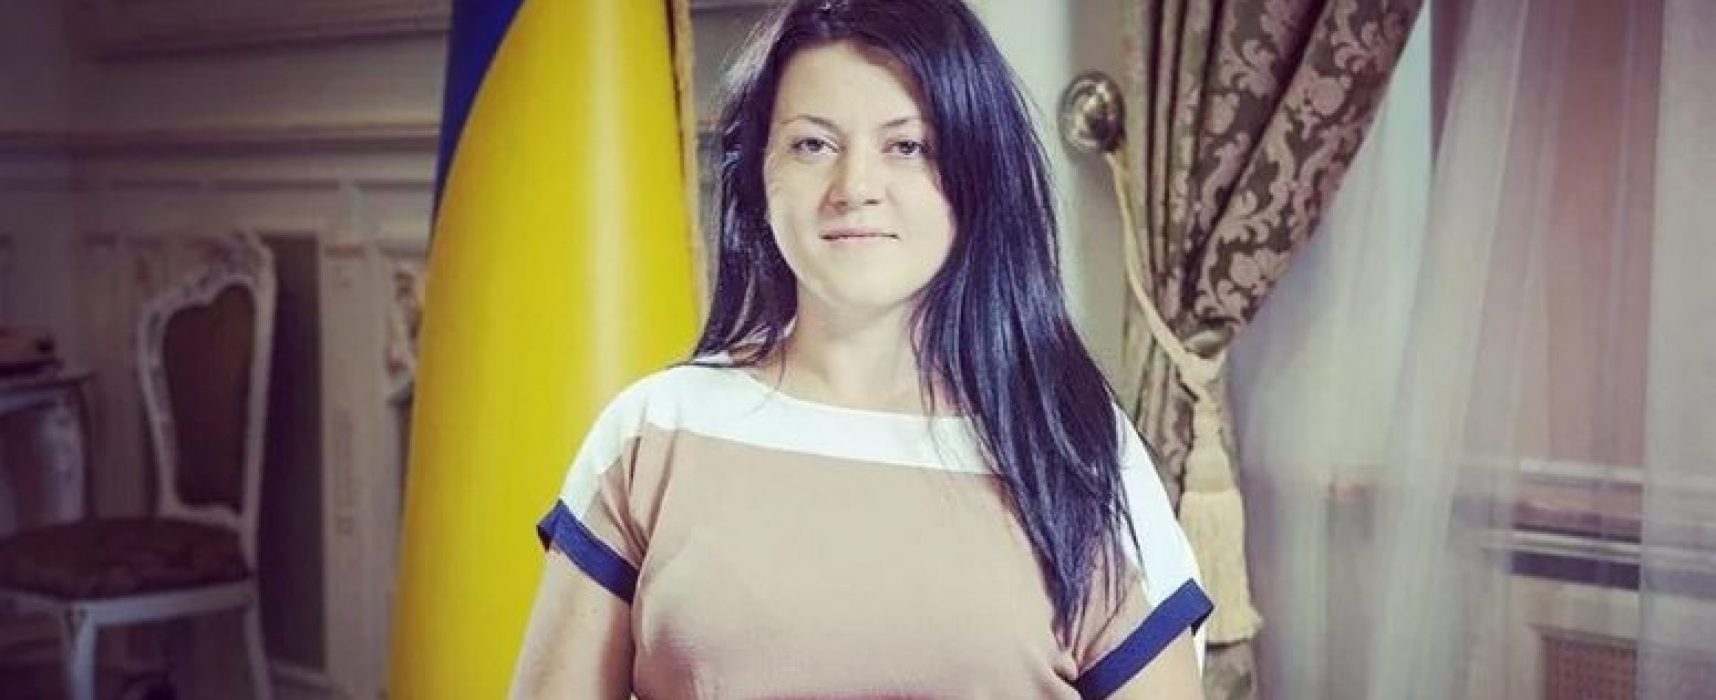 В Украине создается телеканал для временно оккупированных территорий: информвещание возглавит Елена Трибушная